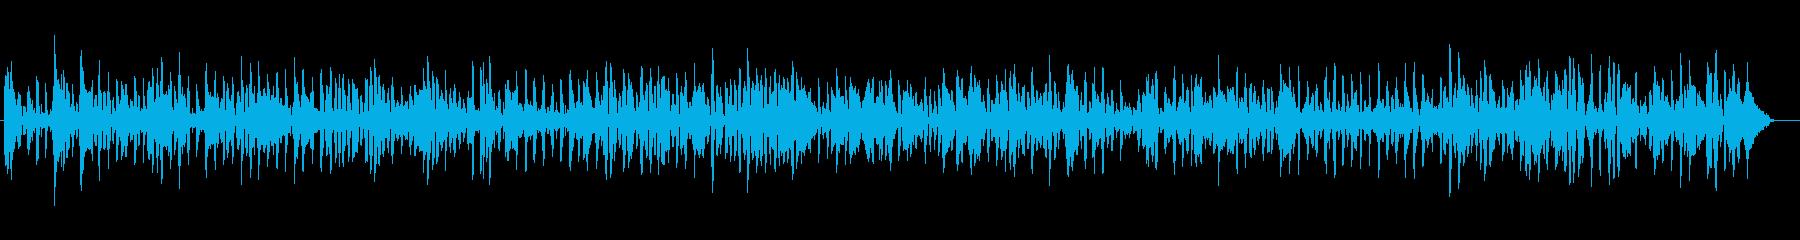 クラリネットの楽しくてノリの良い楽曲。の再生済みの波形